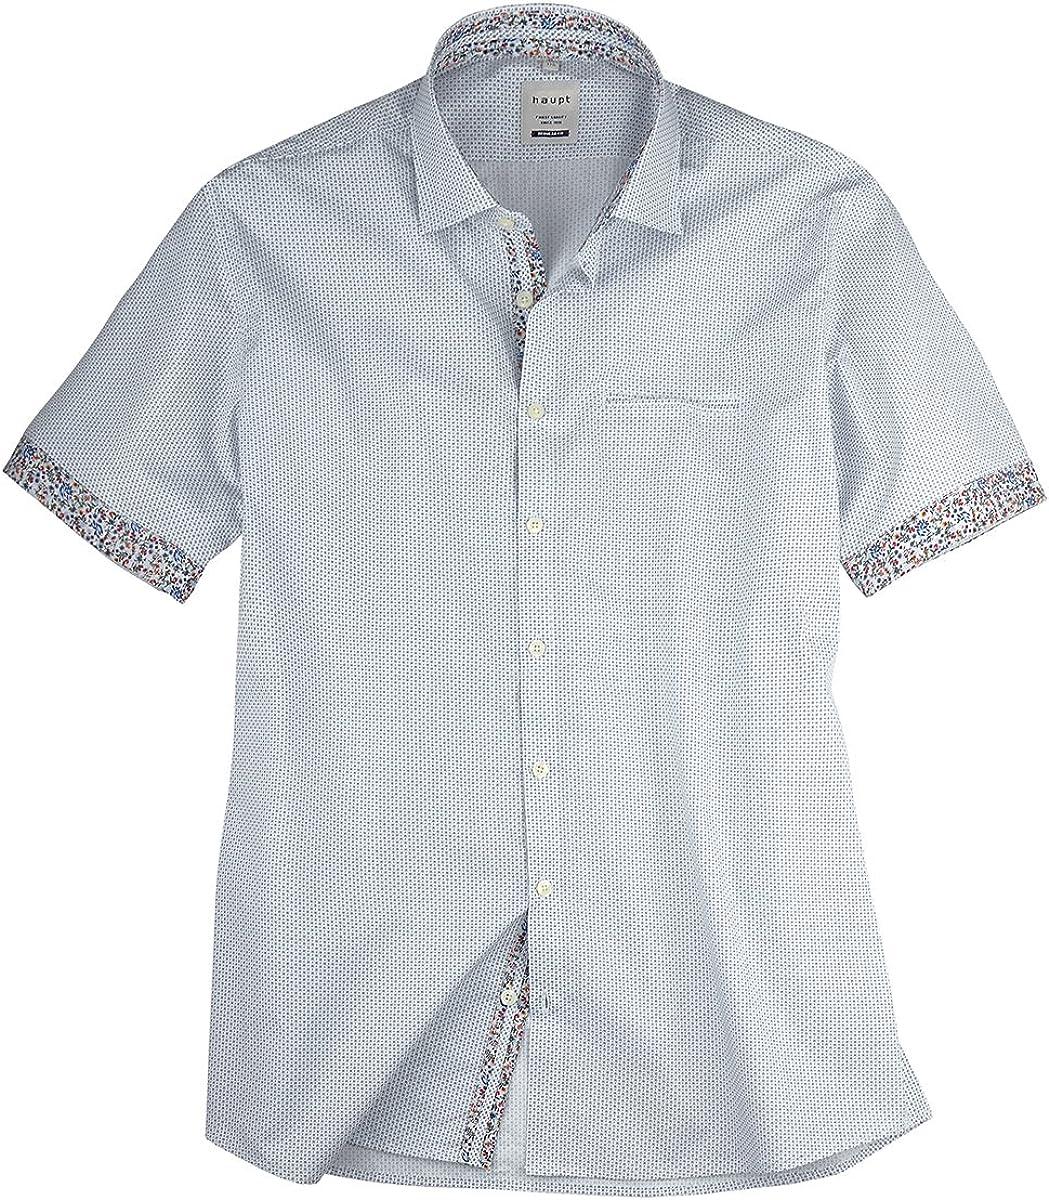 Haupt Camisa Manga Corta Blanca Estampada en Talla XXL, 2xl-8xl:4XL: Amazon.es: Ropa y accesorios